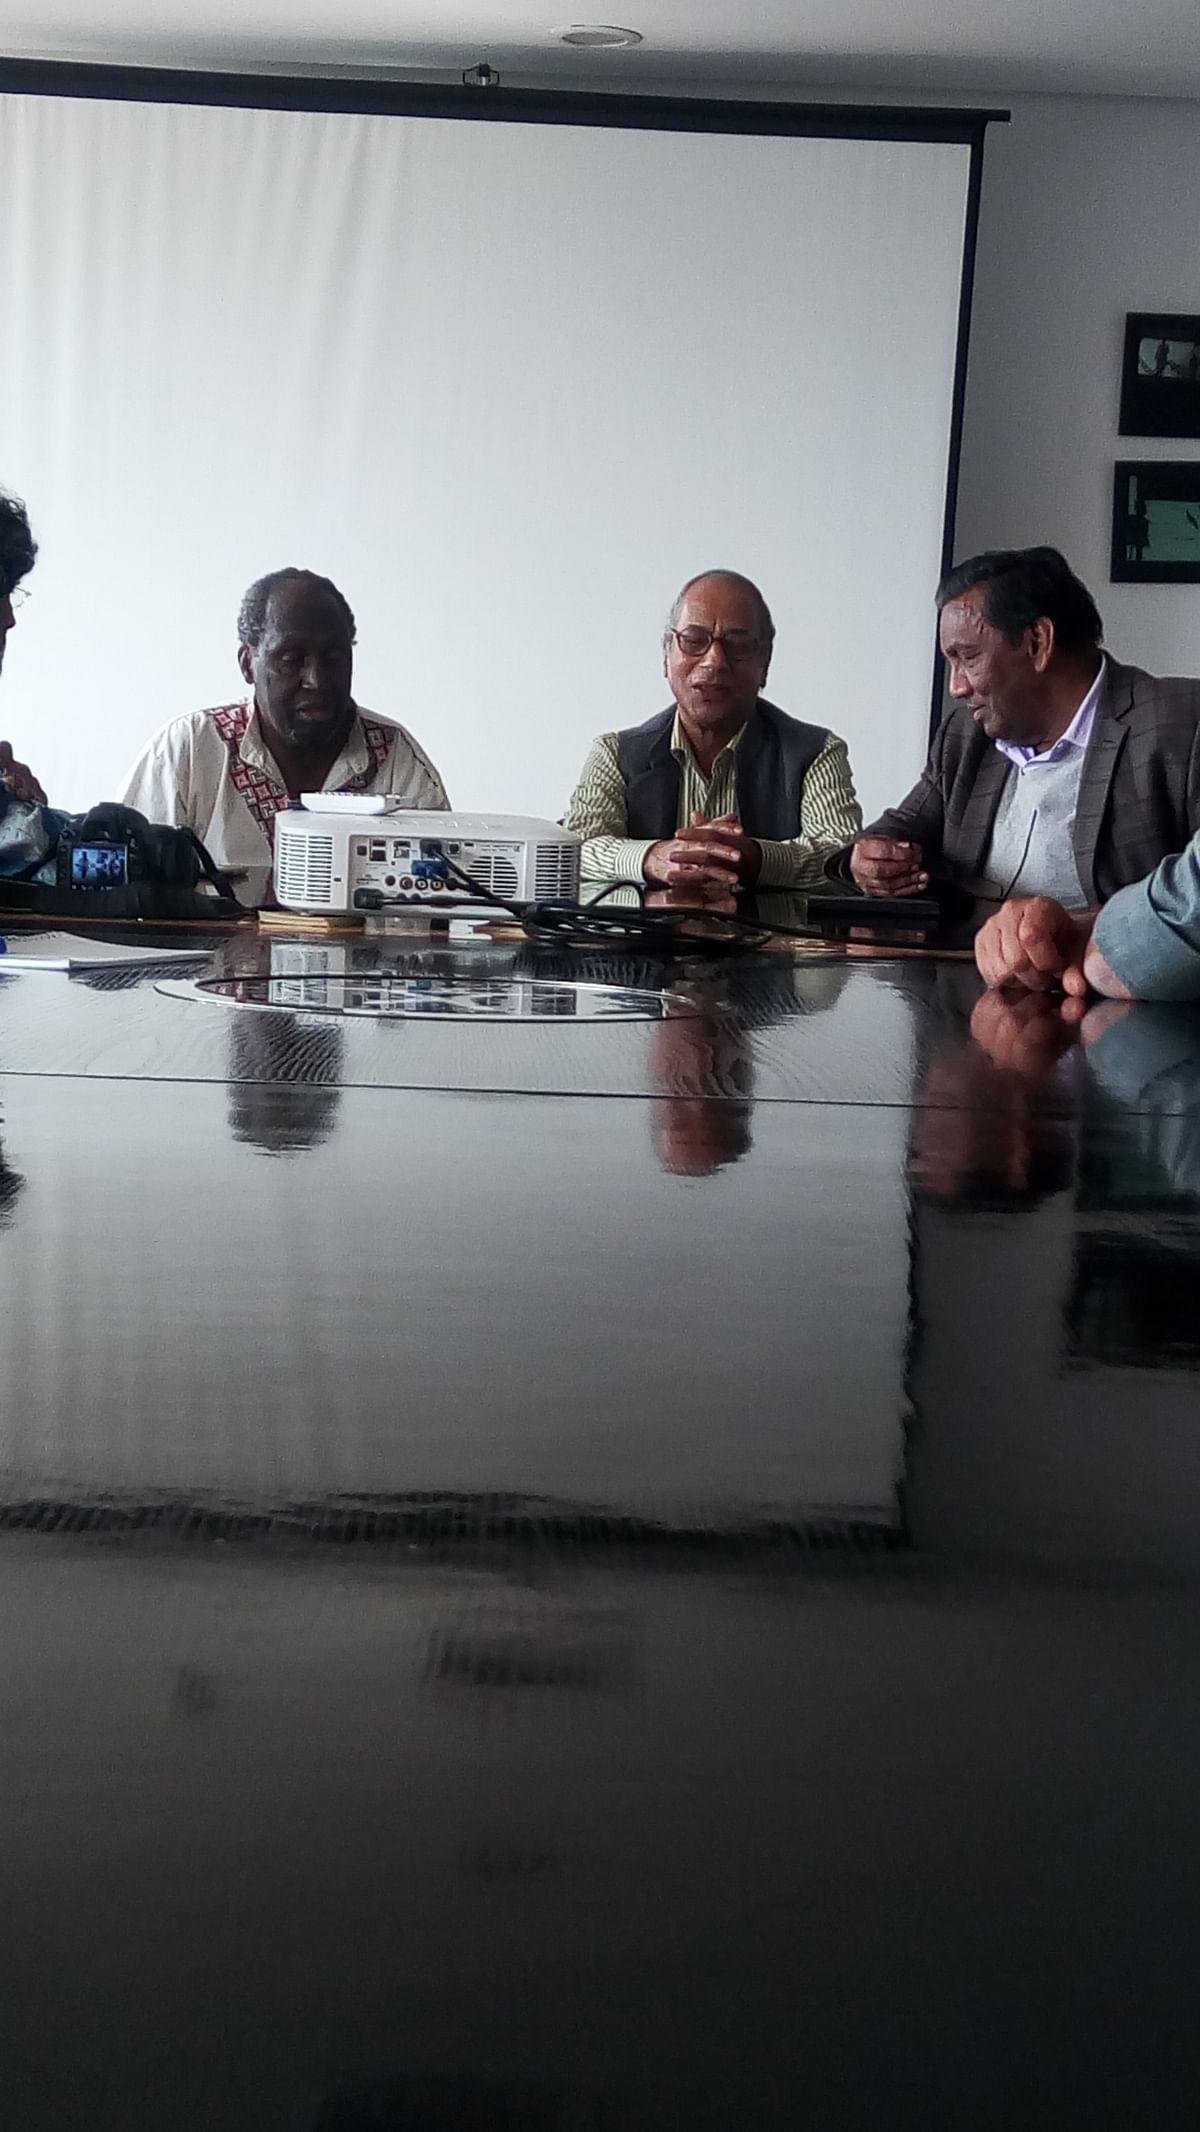 न्गुगी वा थोंगो और अन्य लेखकों के साथ, 2018